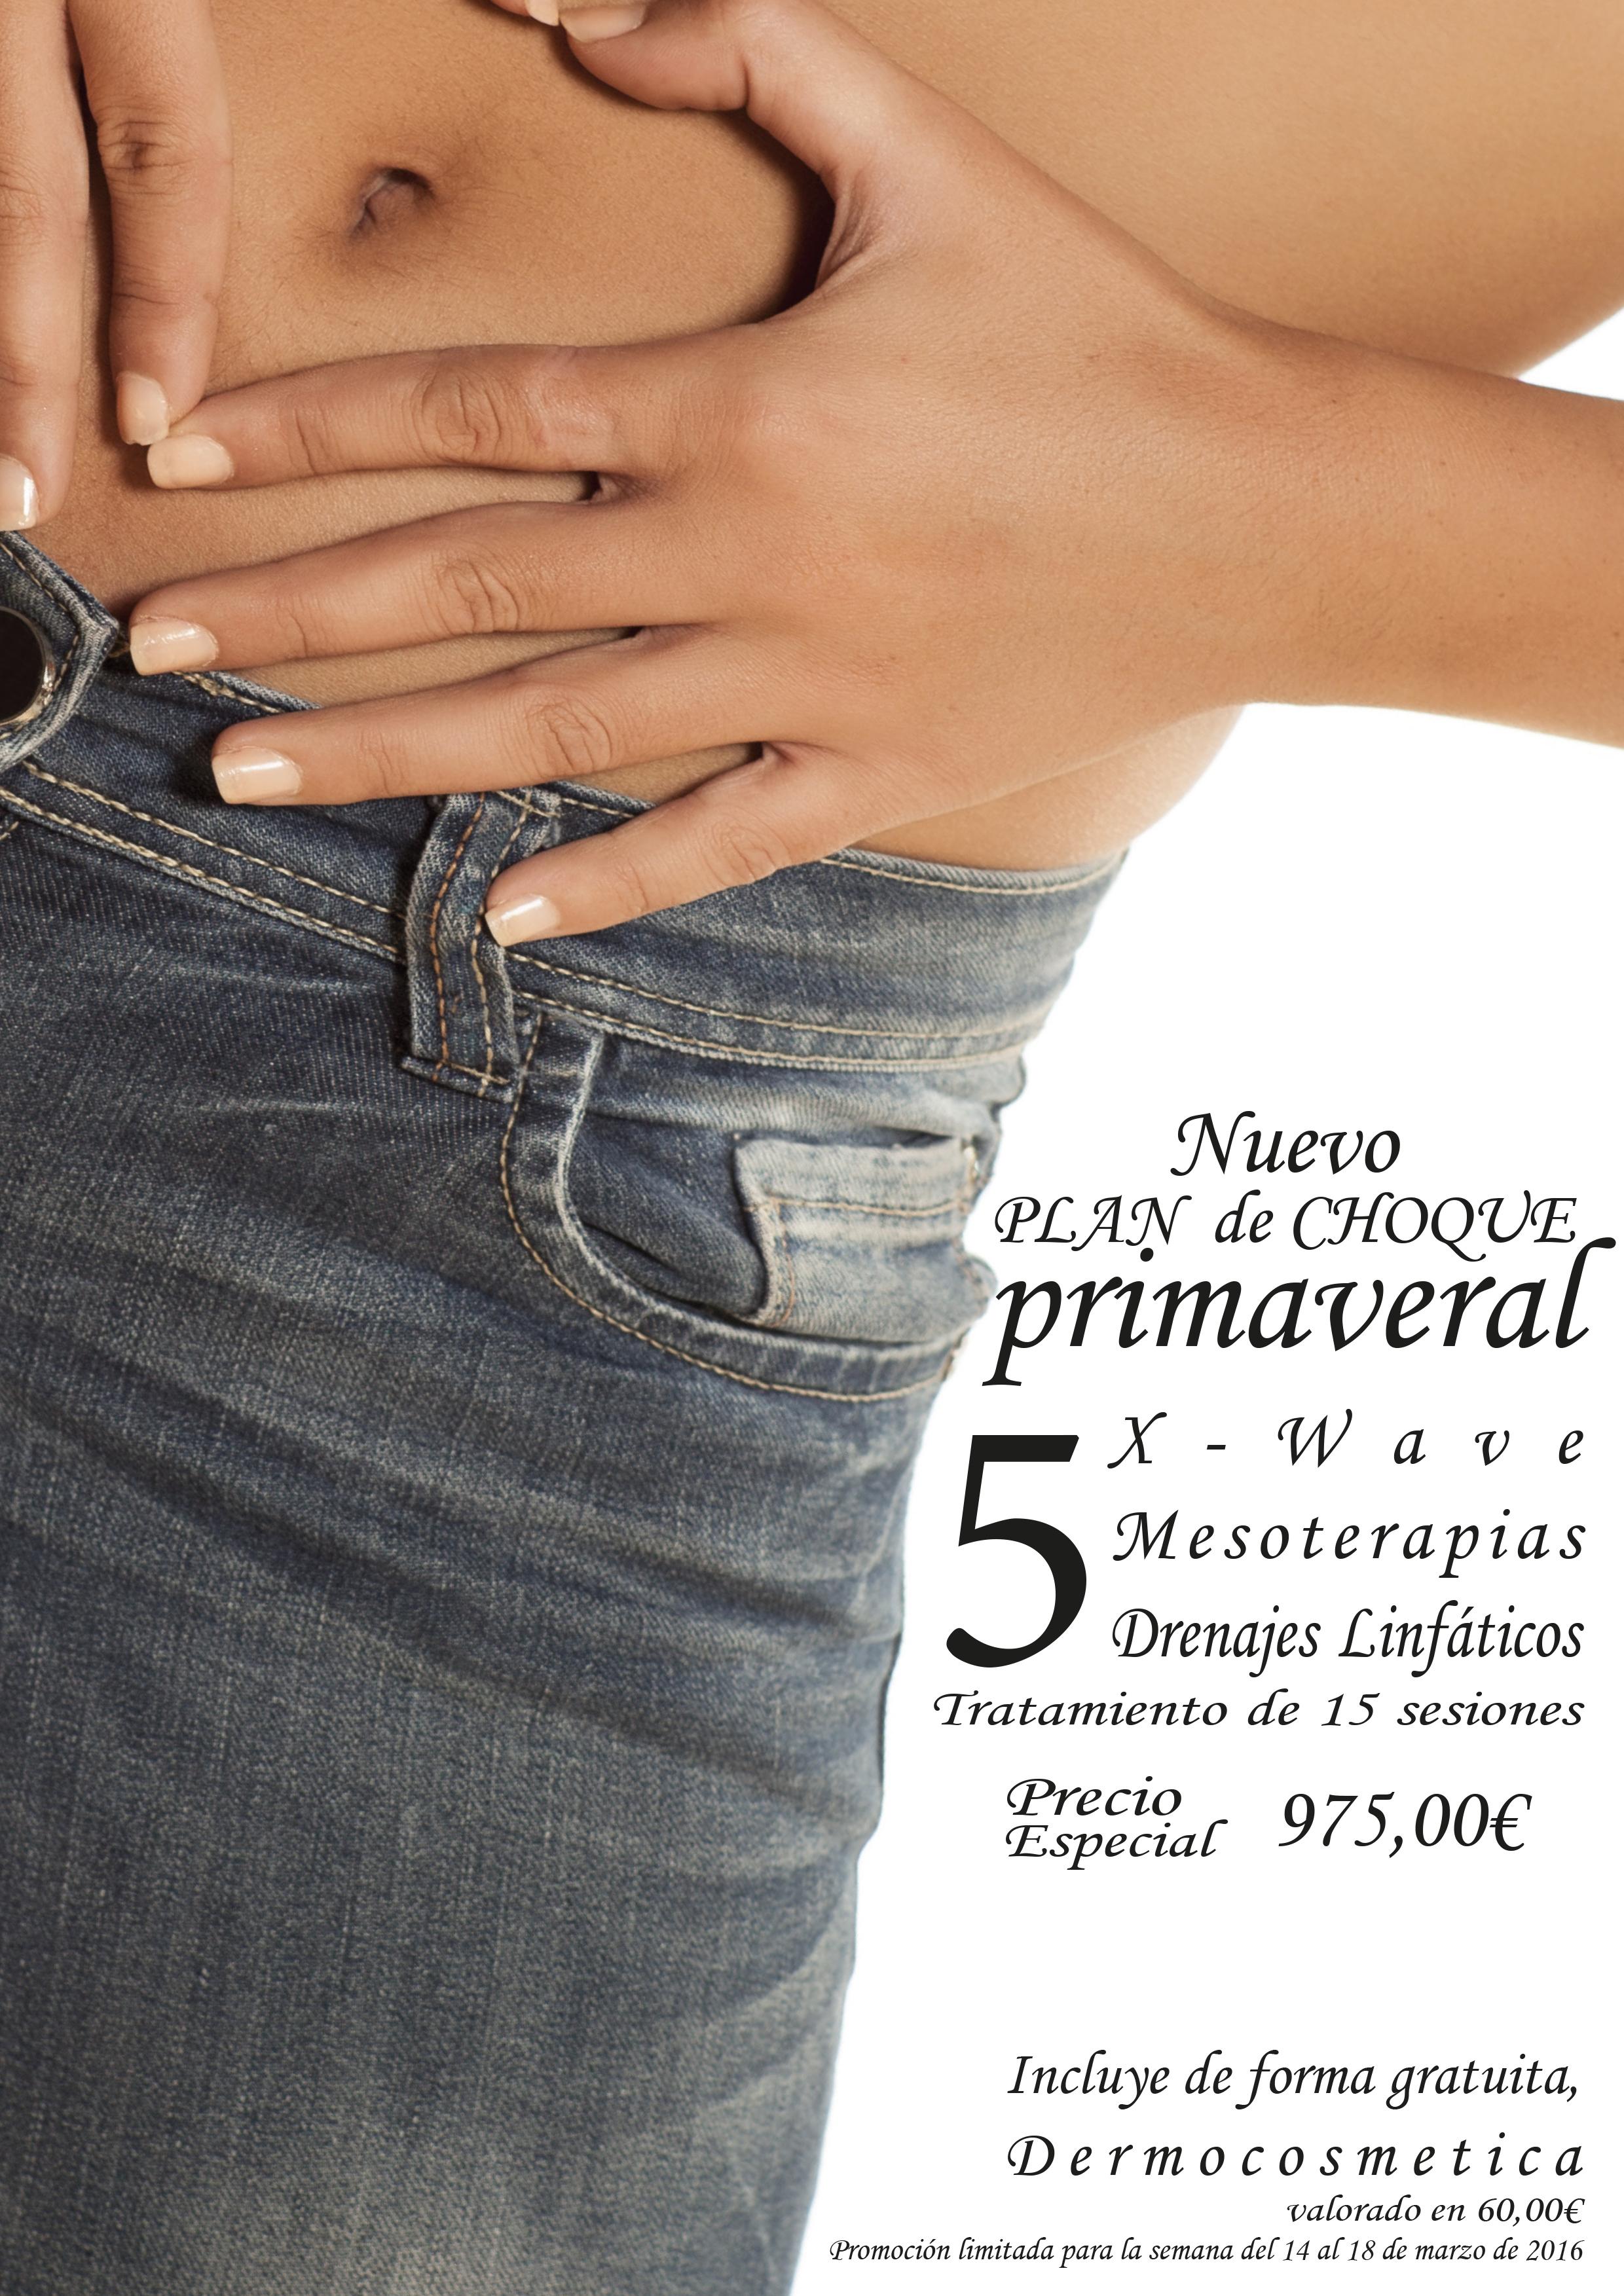 Plan-de-choque-Primaveral-Clinica-medicina-estetica-Bayton-Madrid